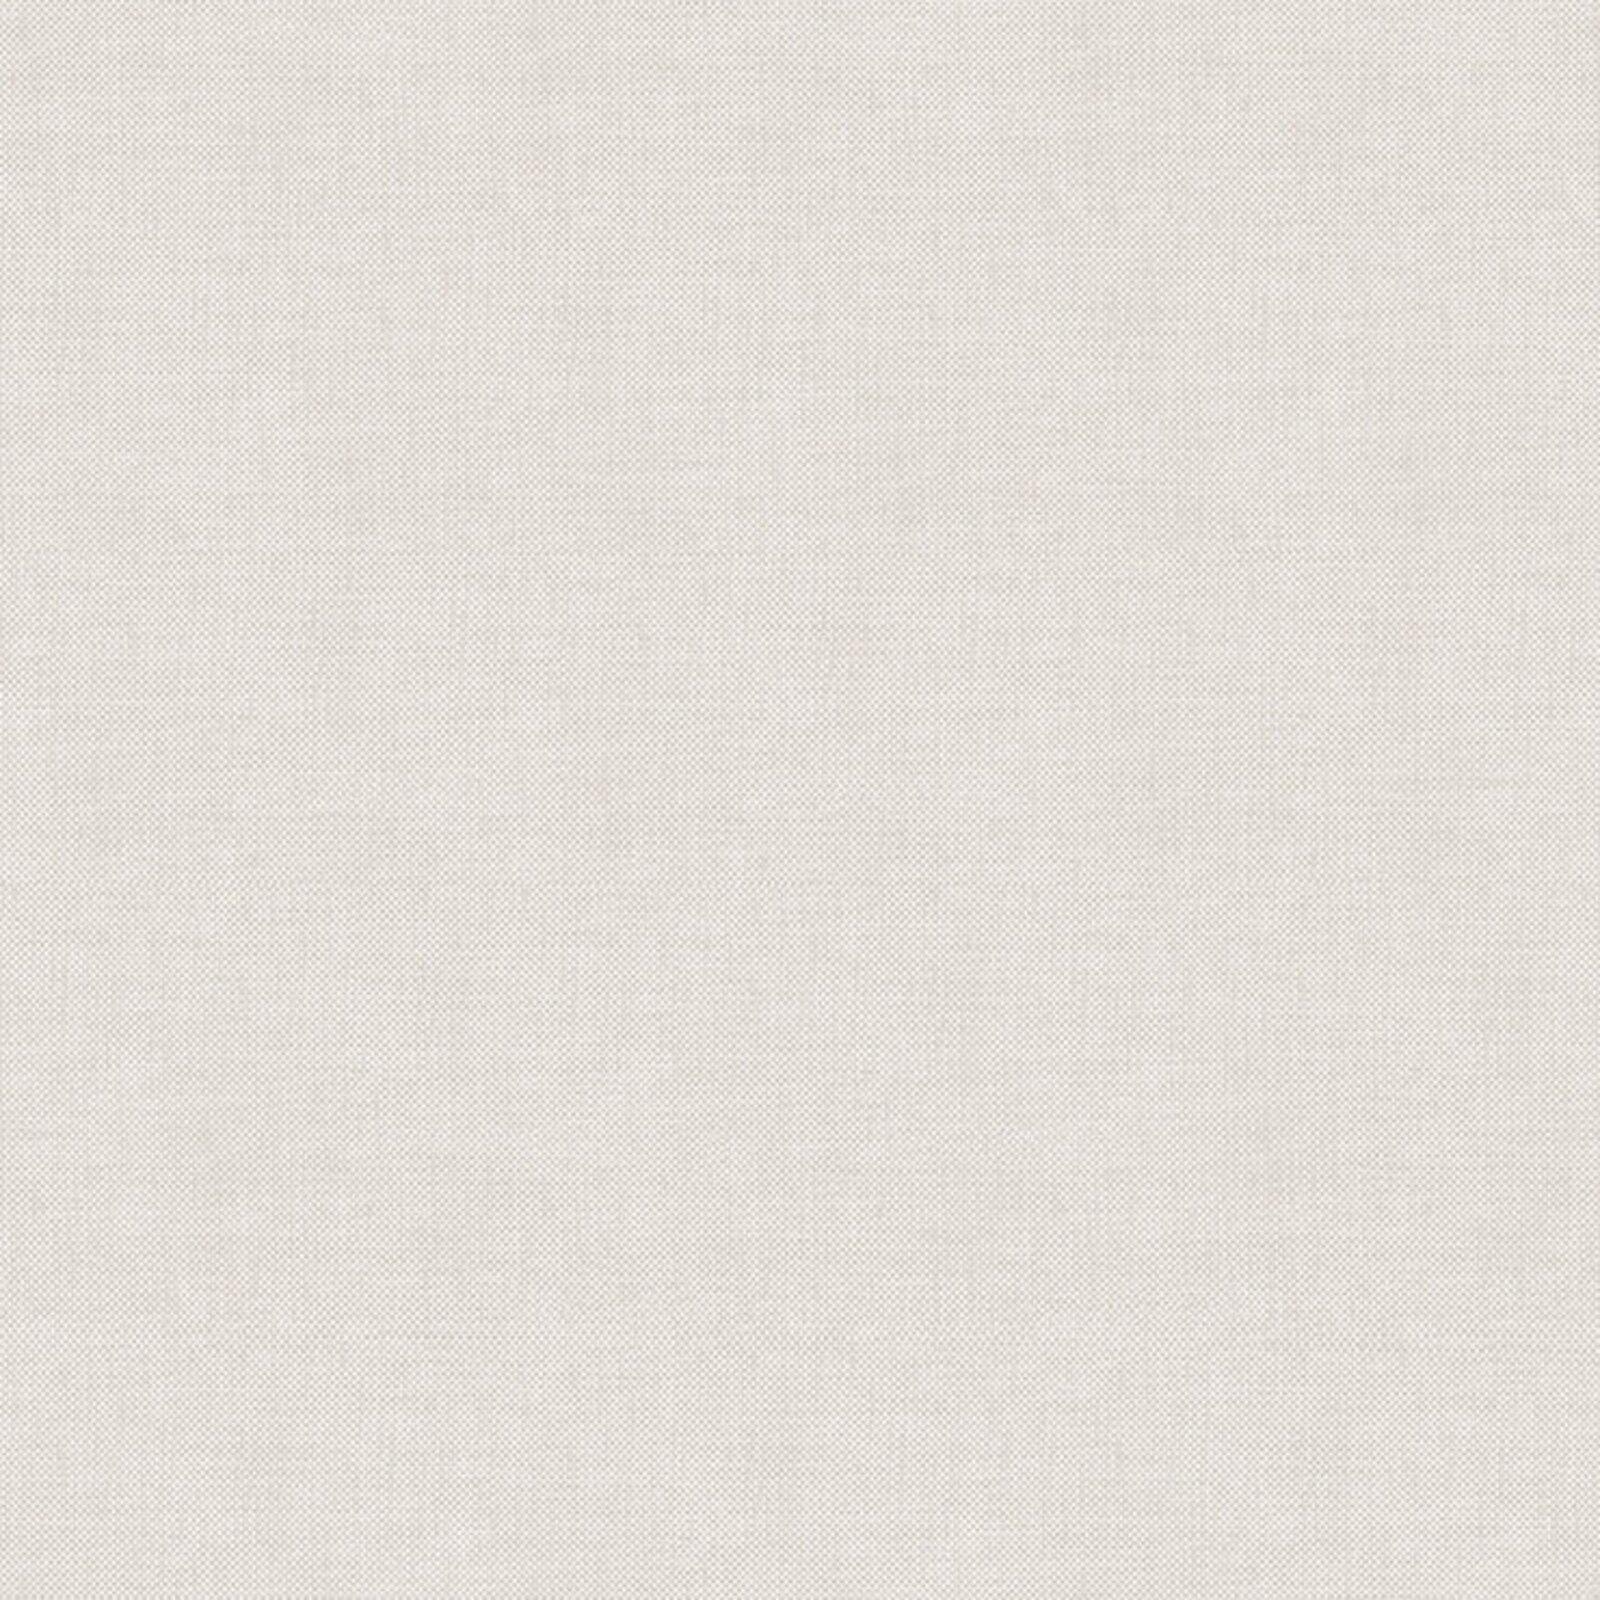 Papel de Parede Lyam Decor Liso Bege